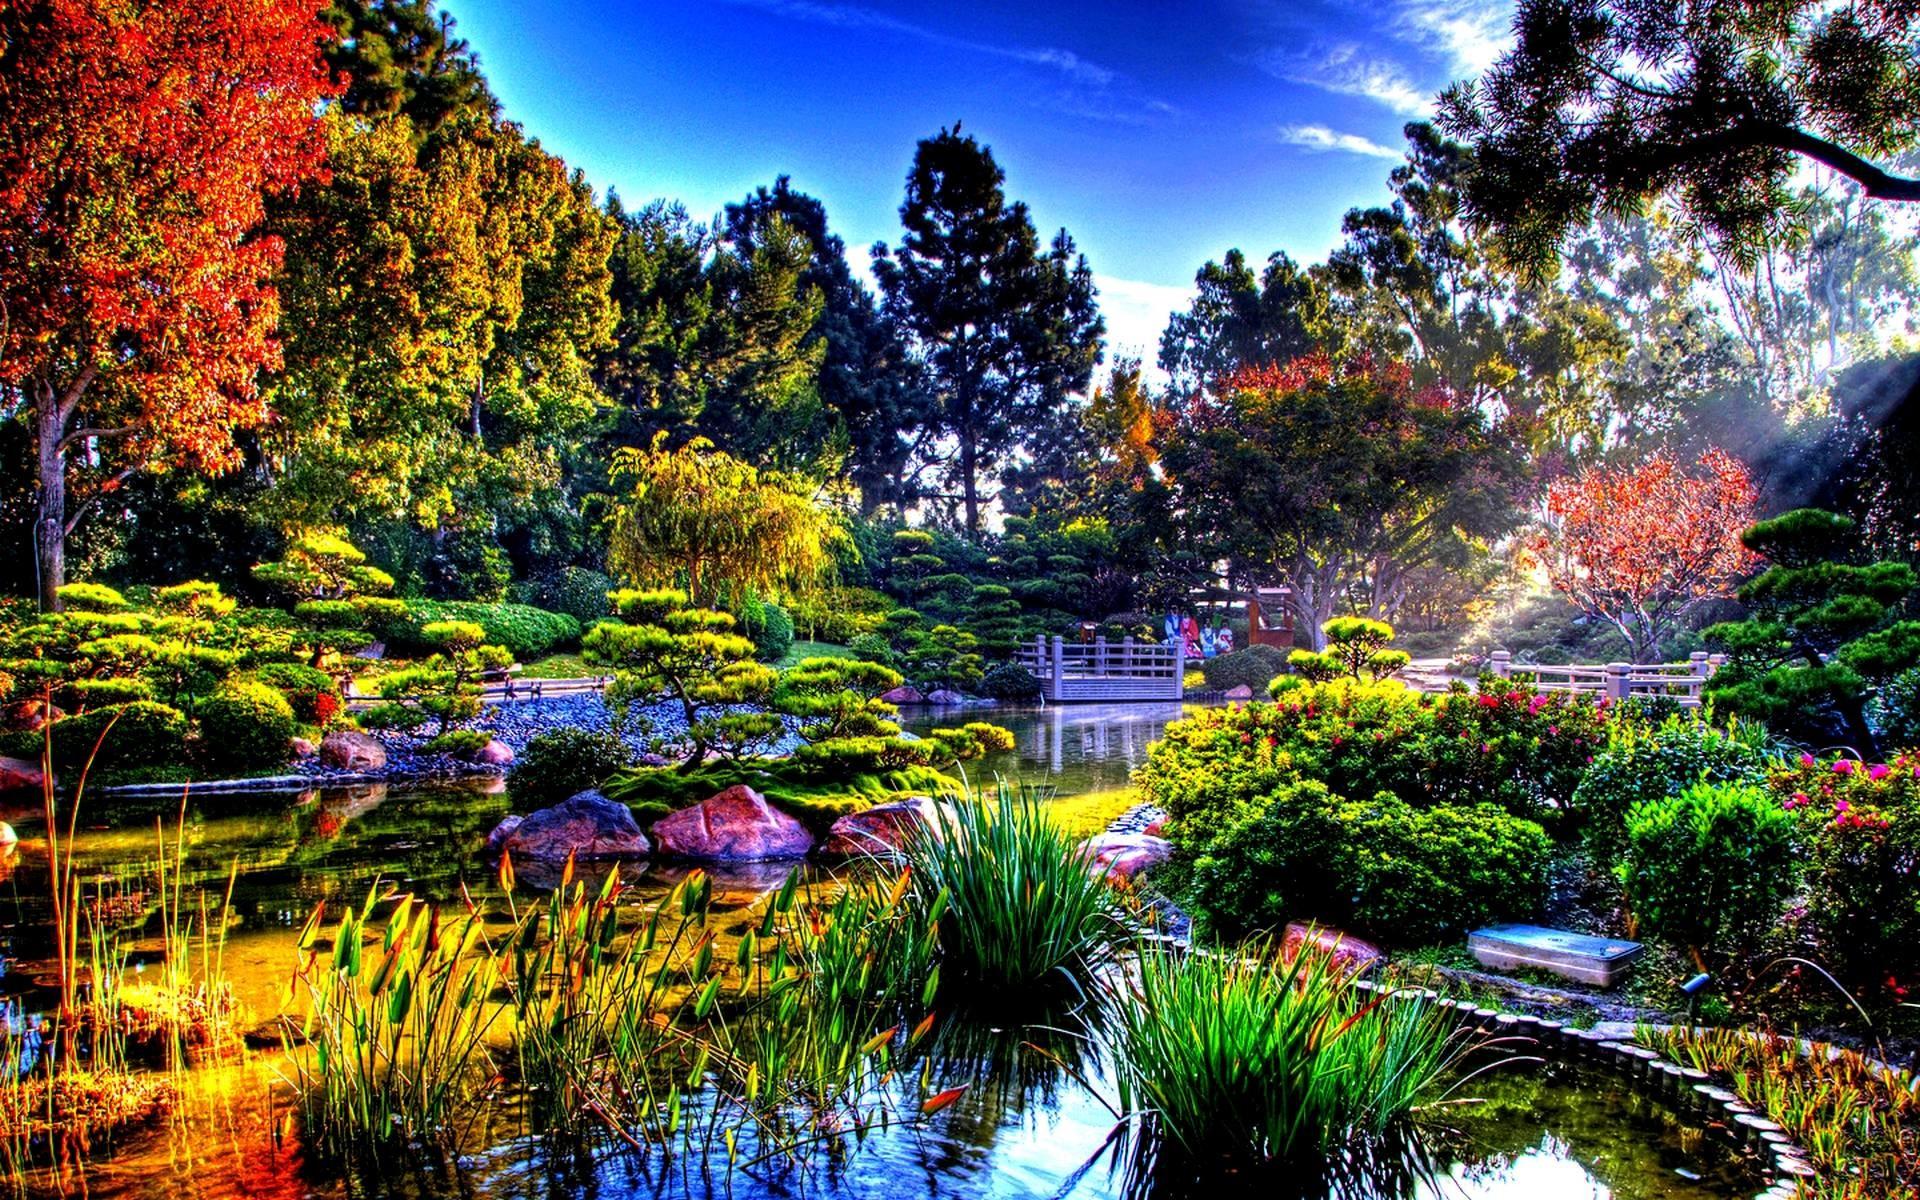 japanese-garden-15322.jpg